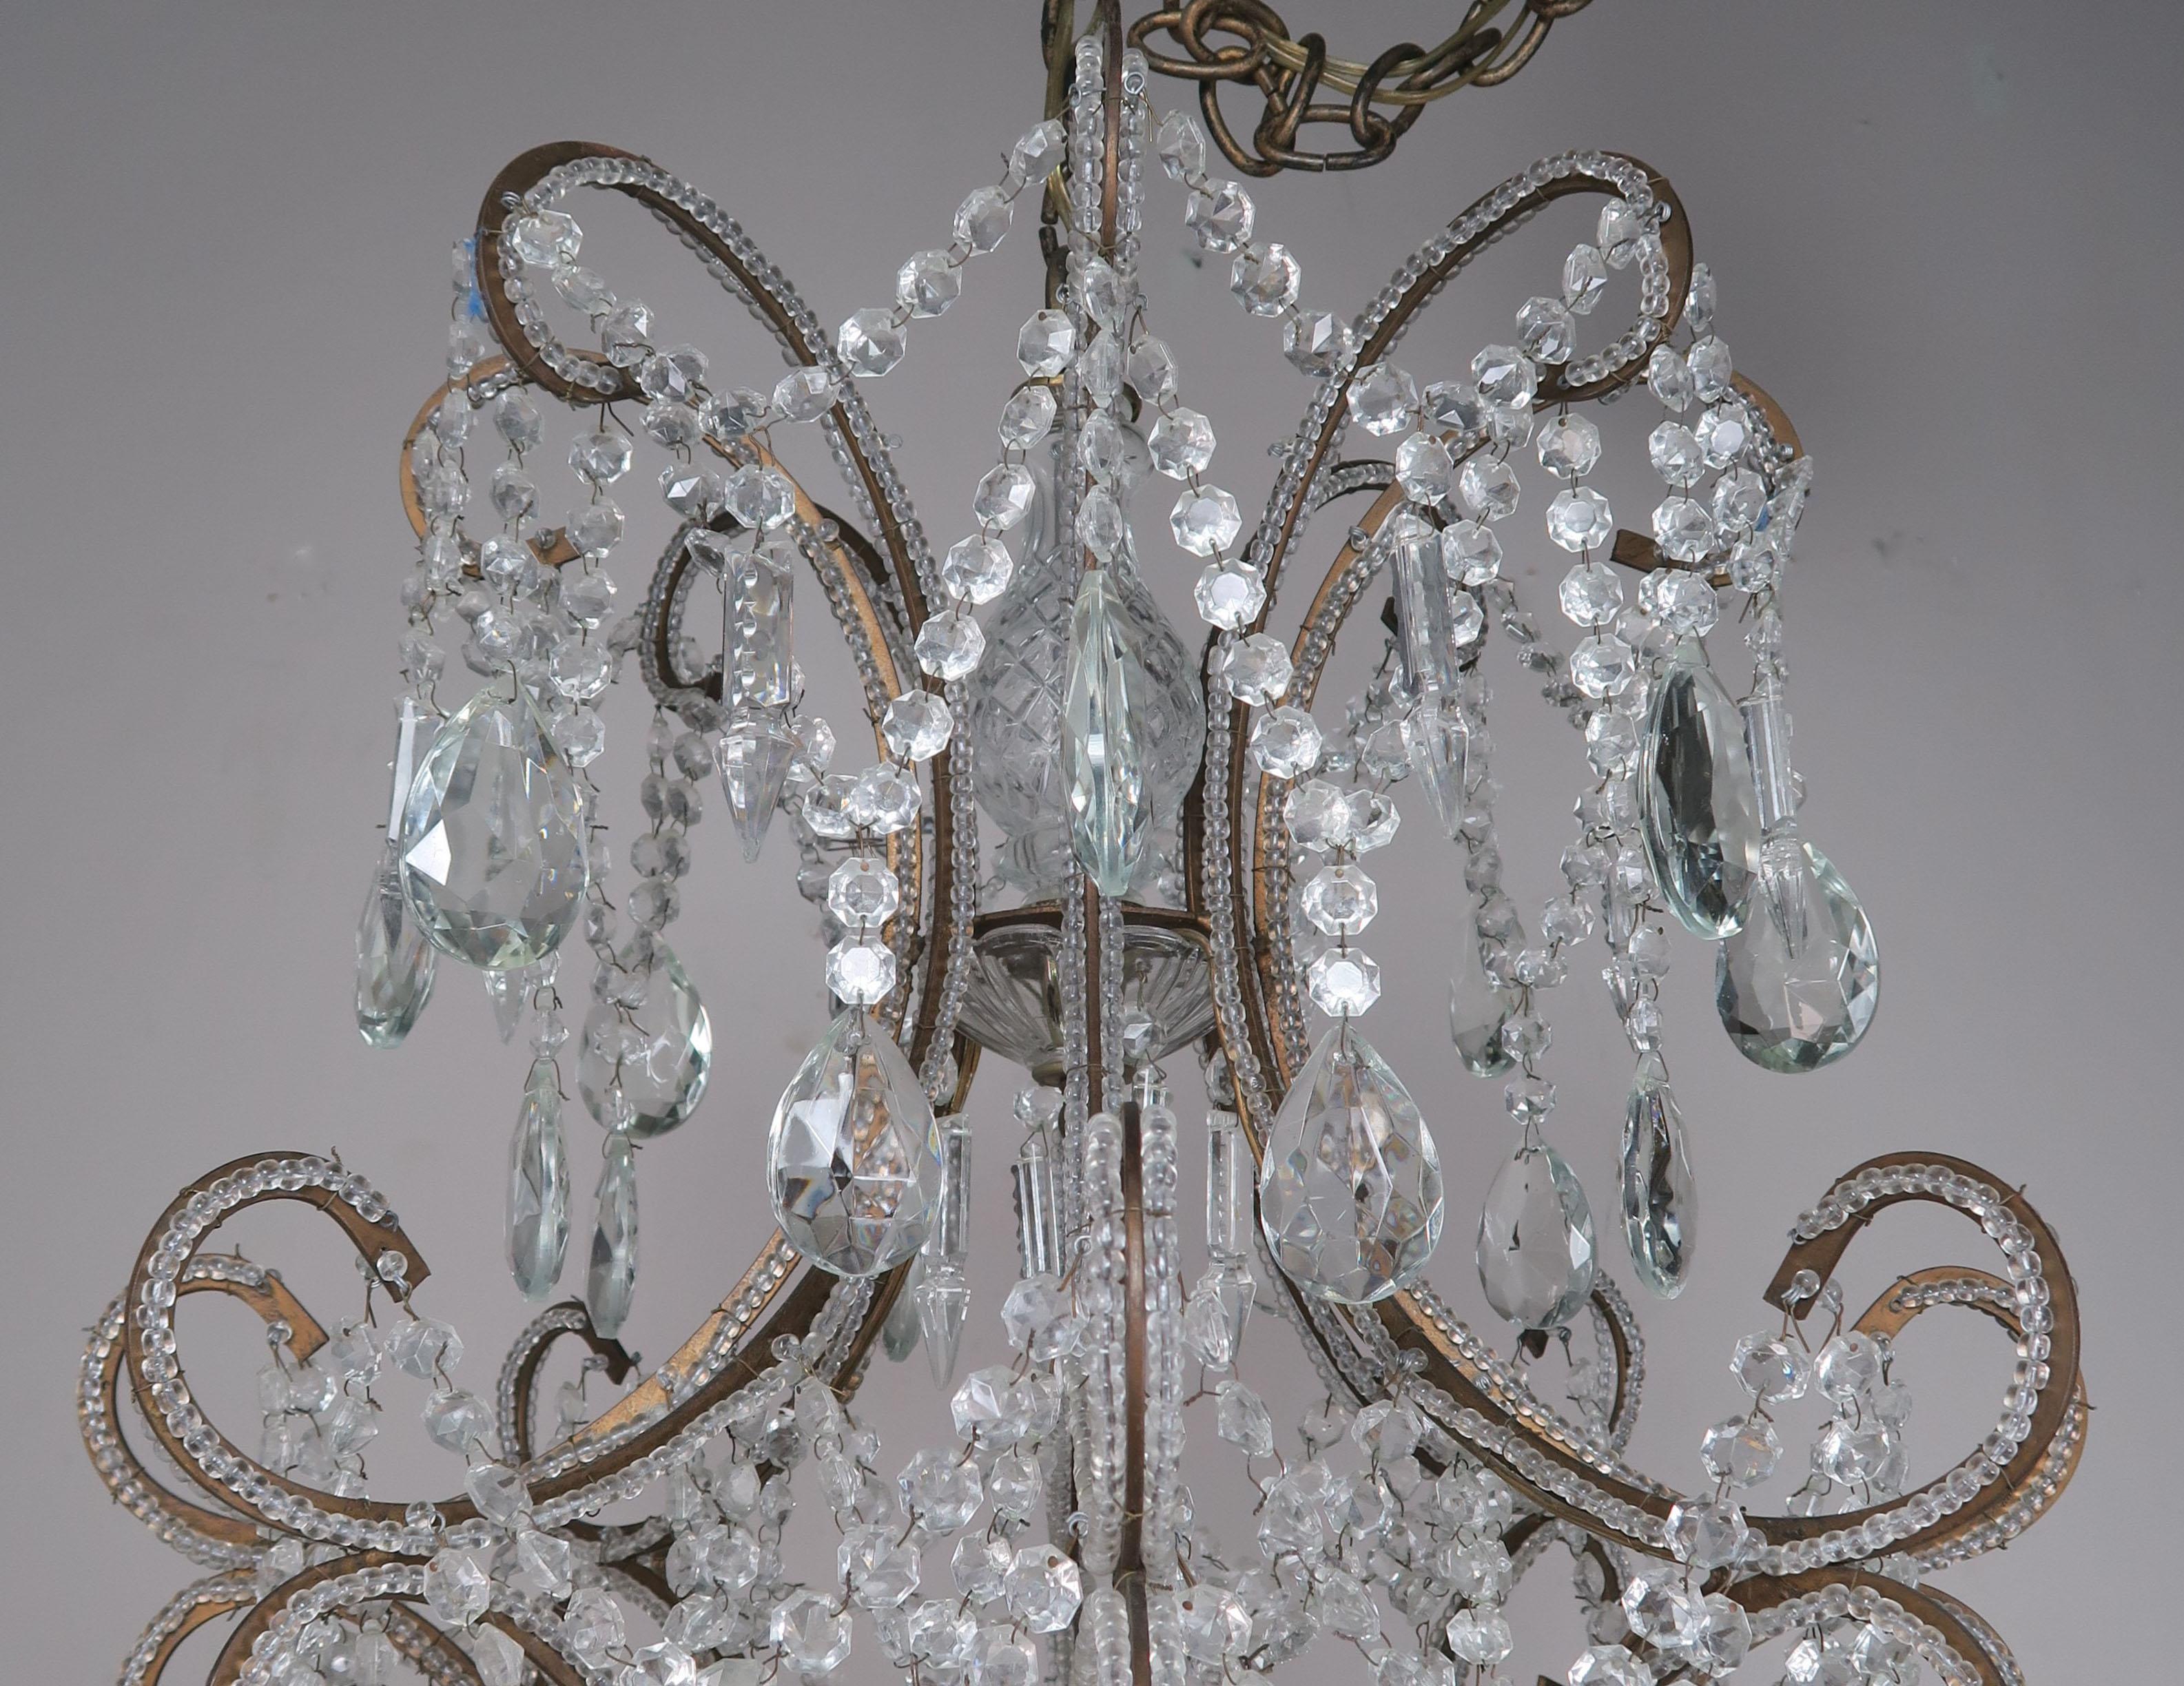 Französische Kronleuchter Antik ~ Französischer louis xv stil kristall kronleuchter im angebot bei